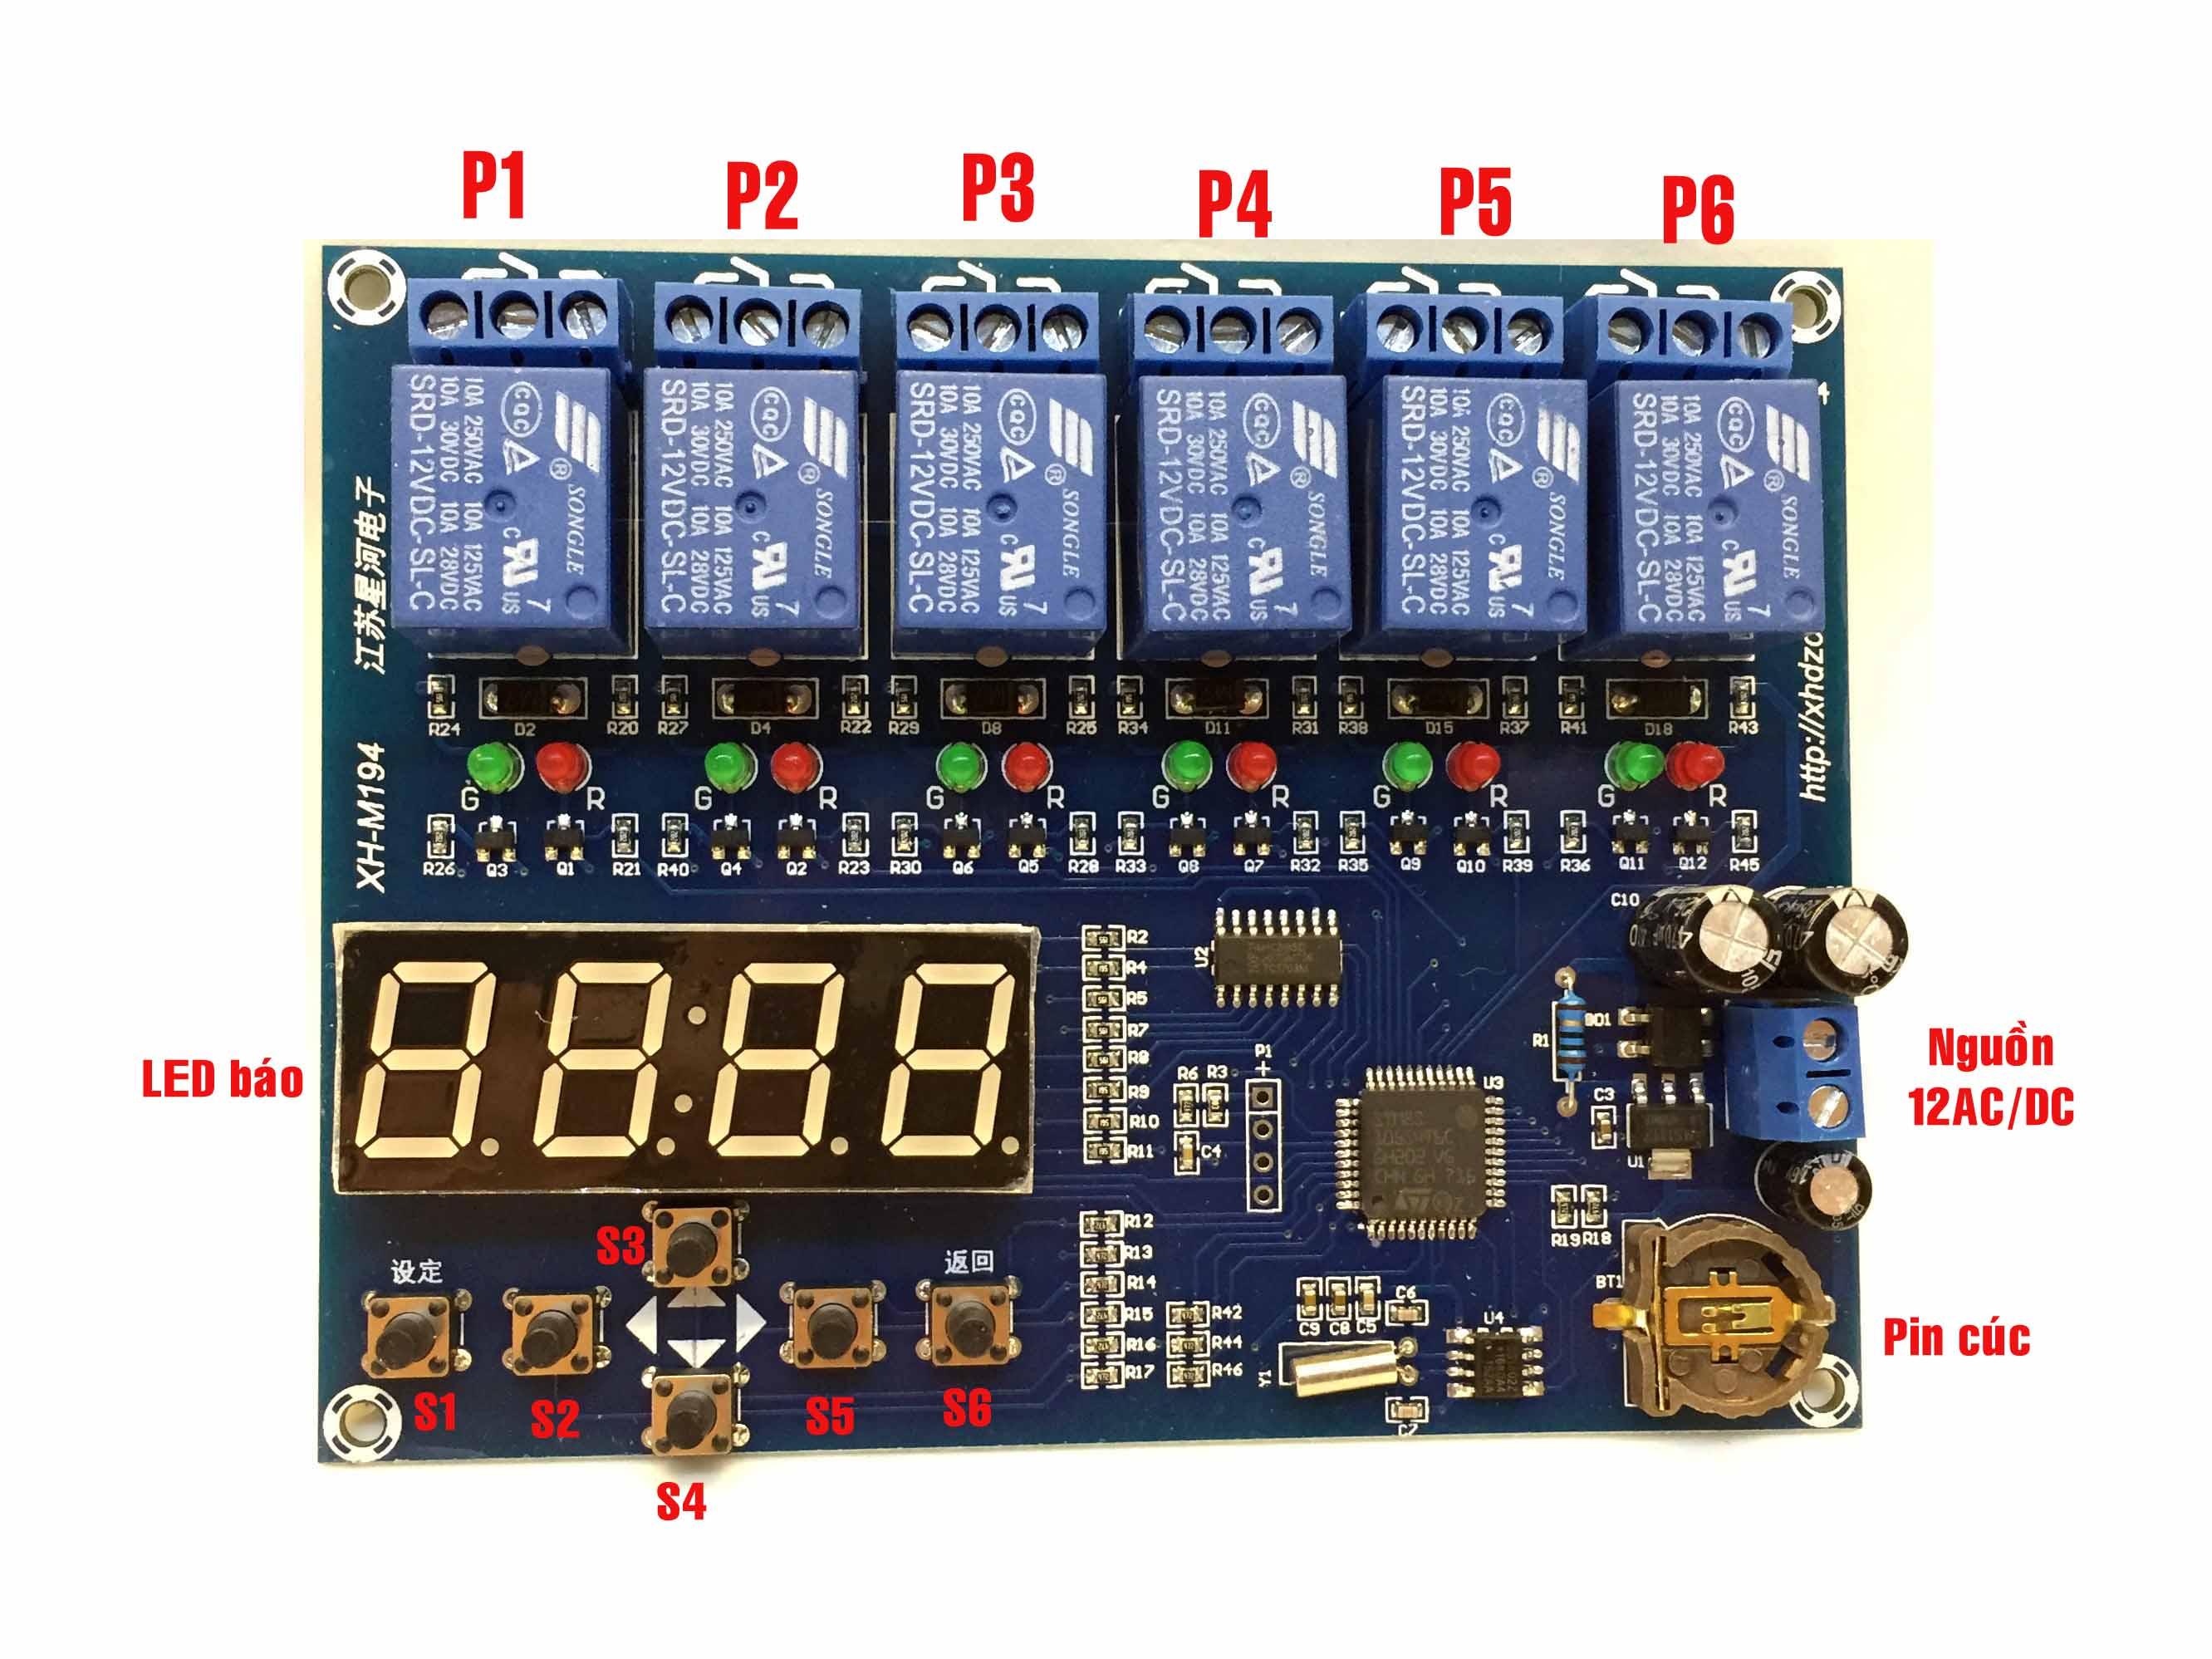 Hẹn giờ đóng mở 6 relay theo thời gian thực XH-M194